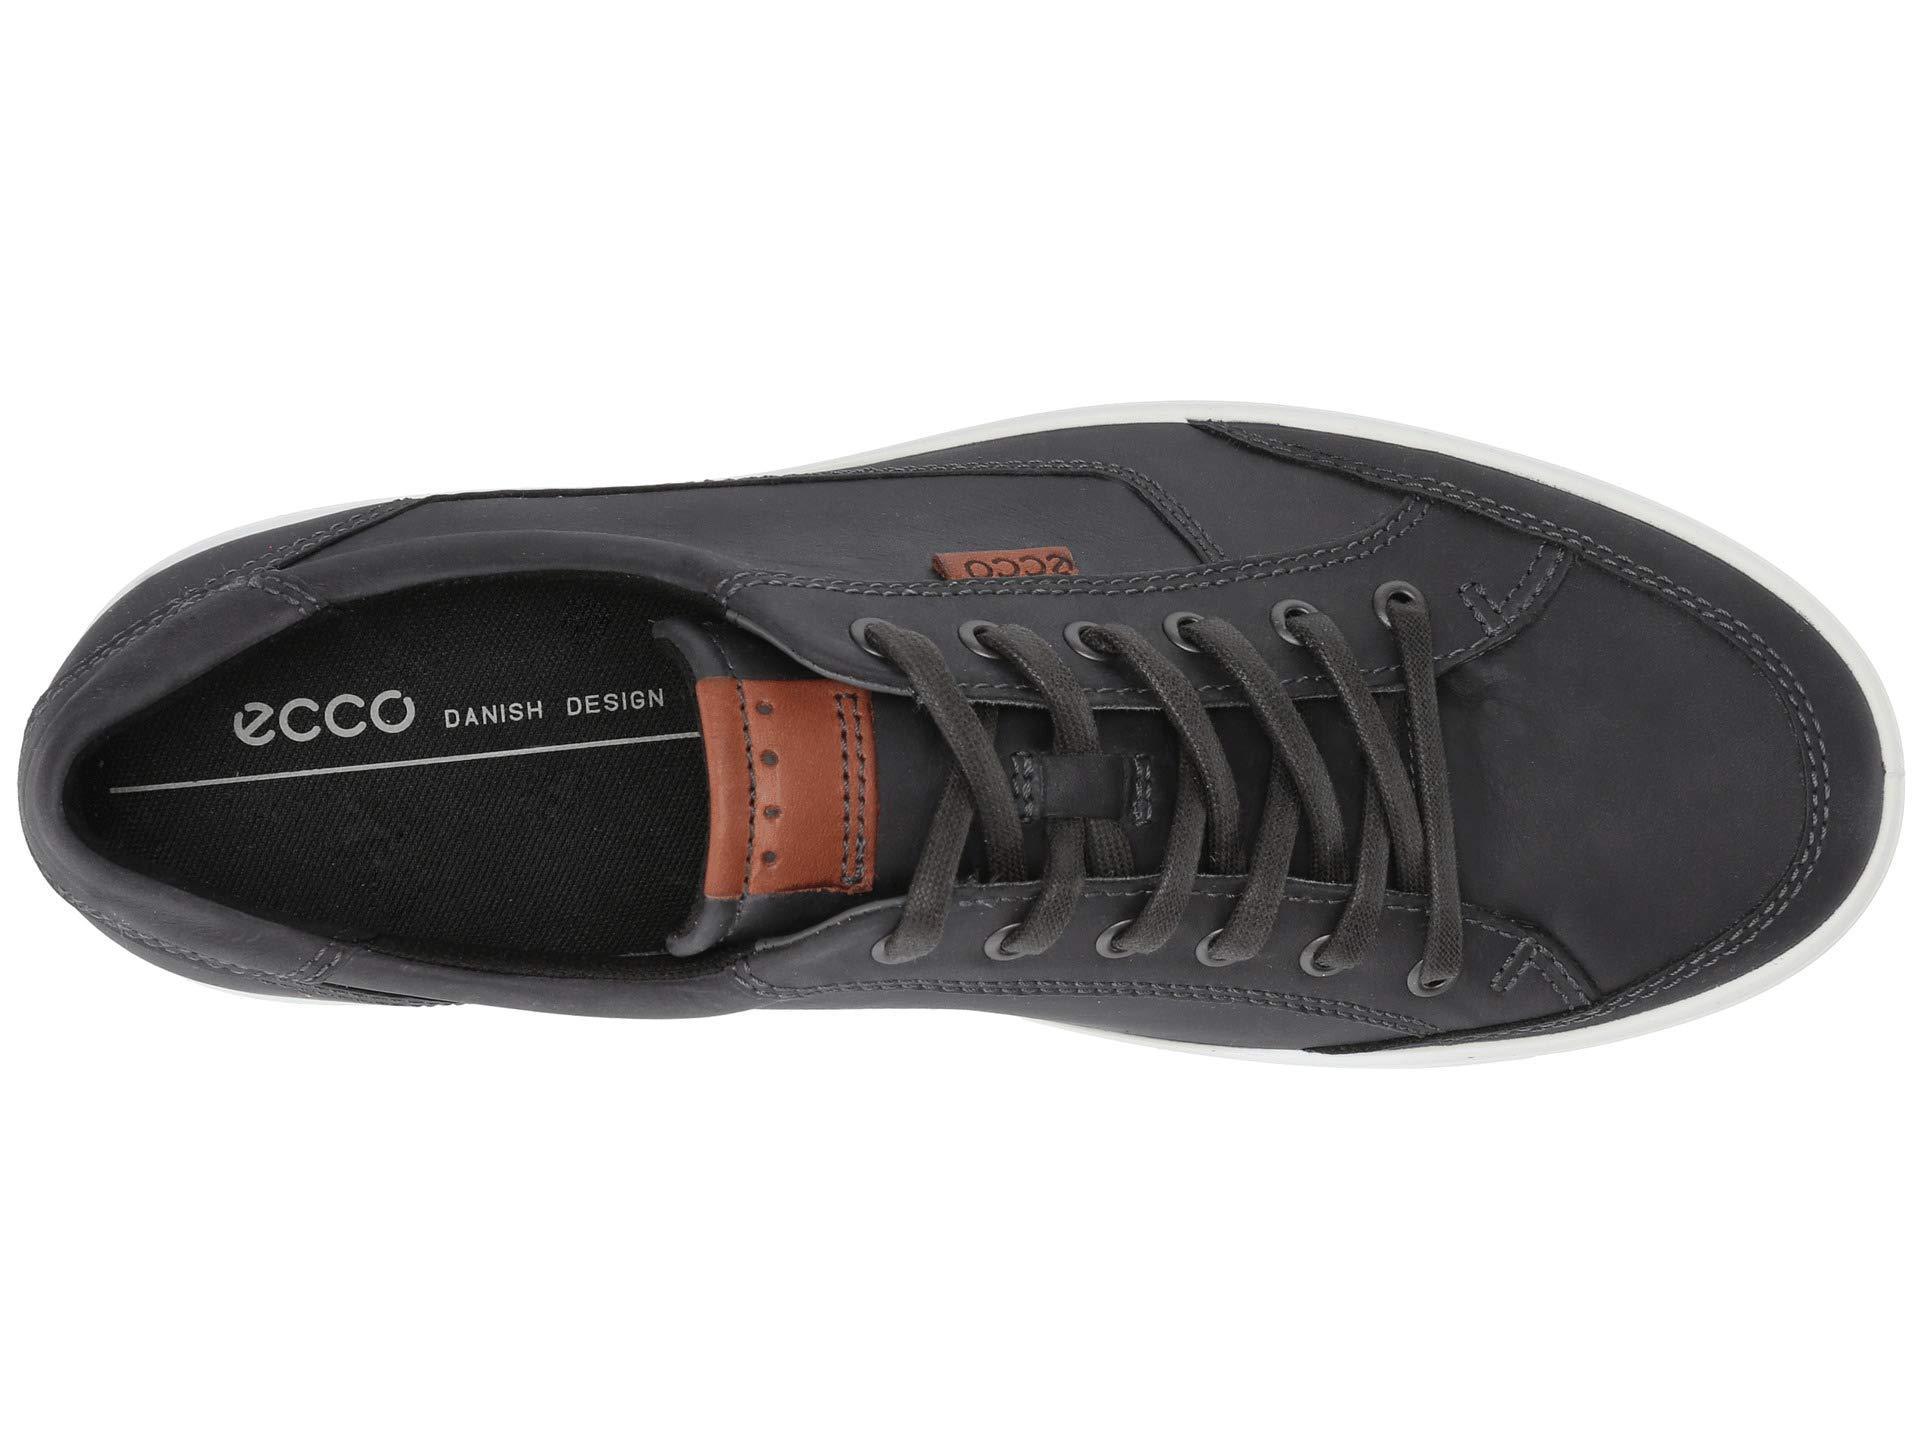 Ecco Leather Soft Retro Sneaker in